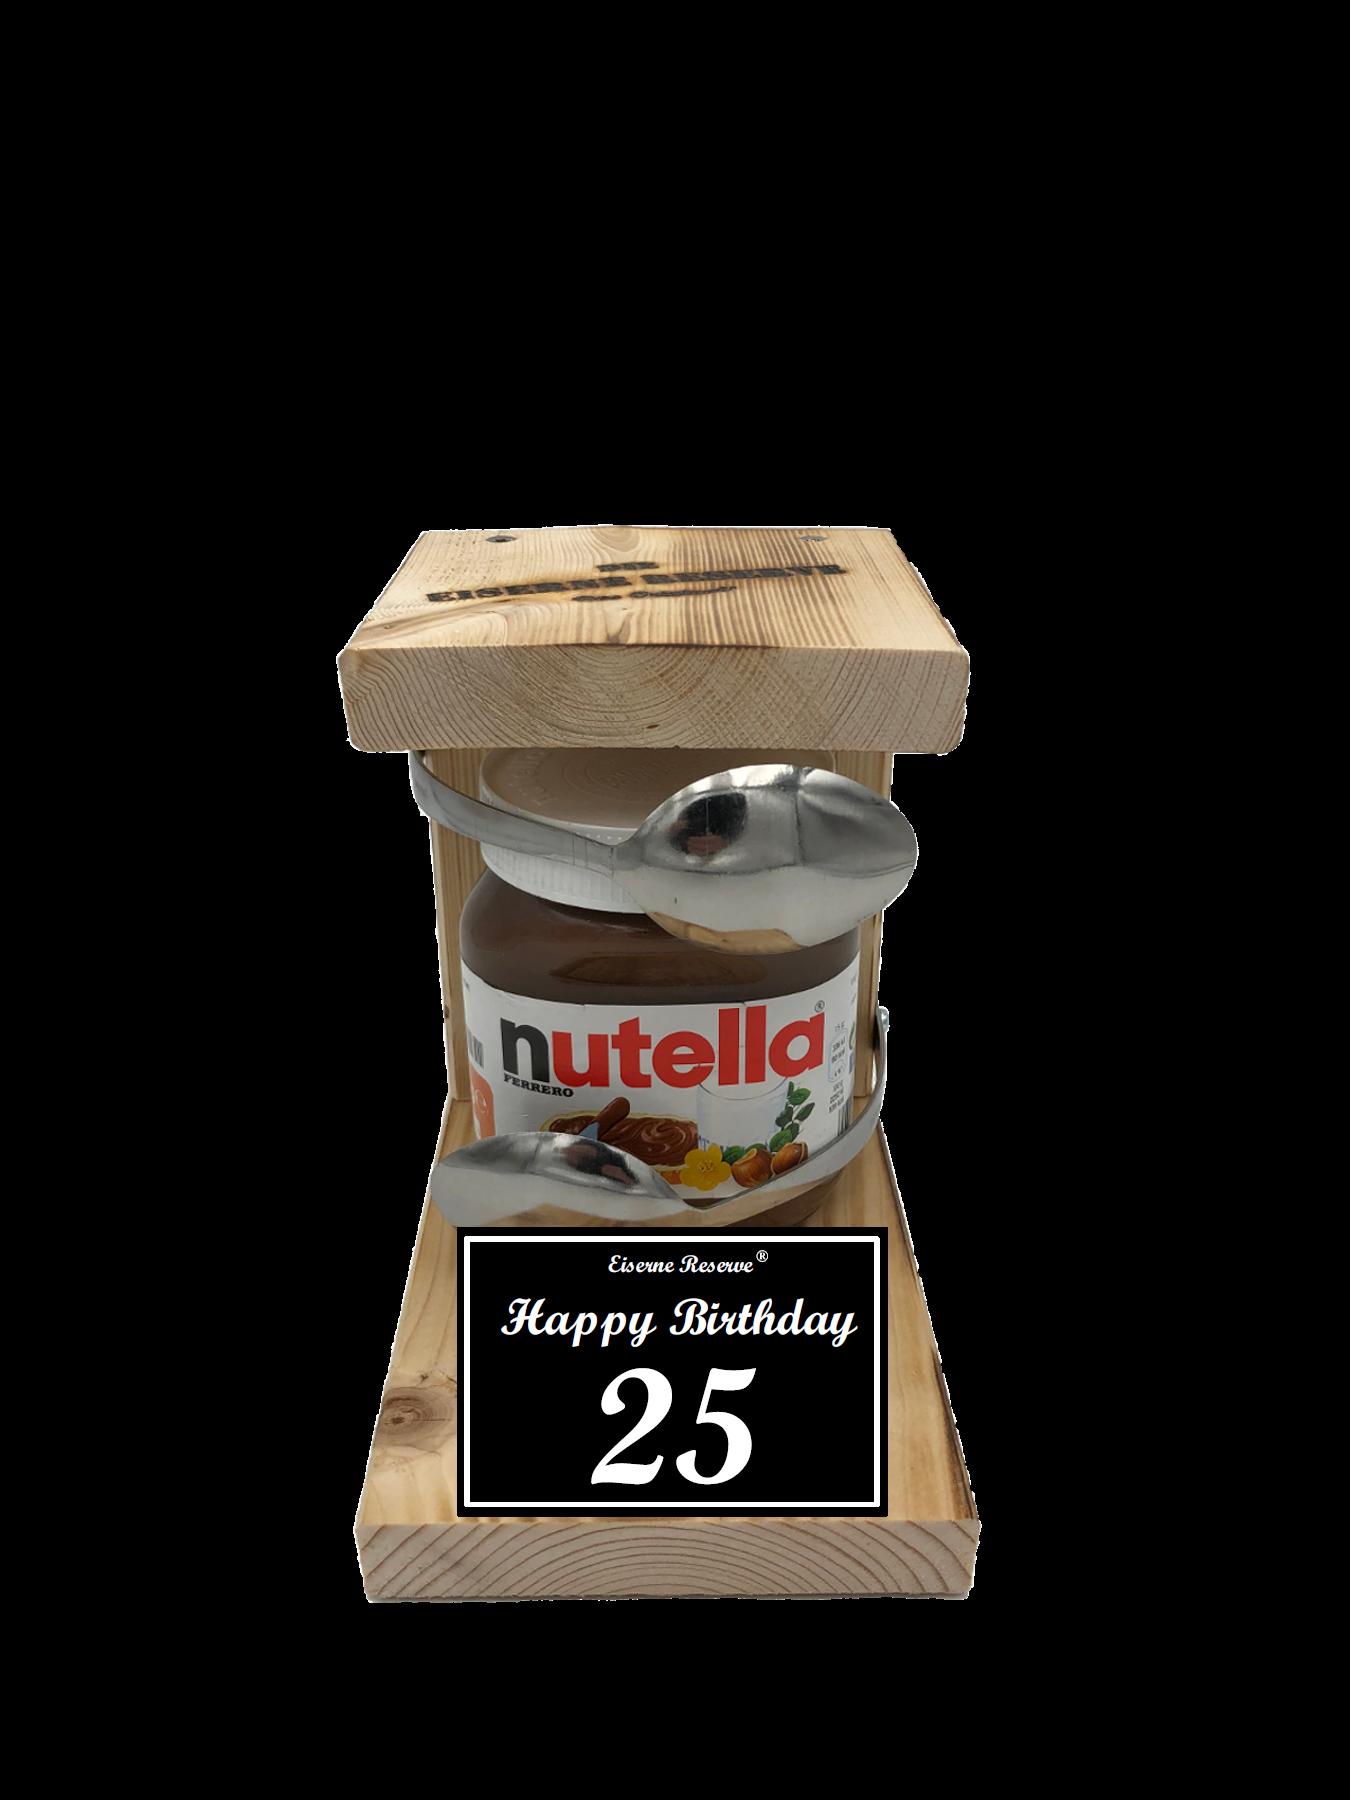 25 Happy Birthday Löffel Nutella Geschenk - Die Nutella Geschenkidee